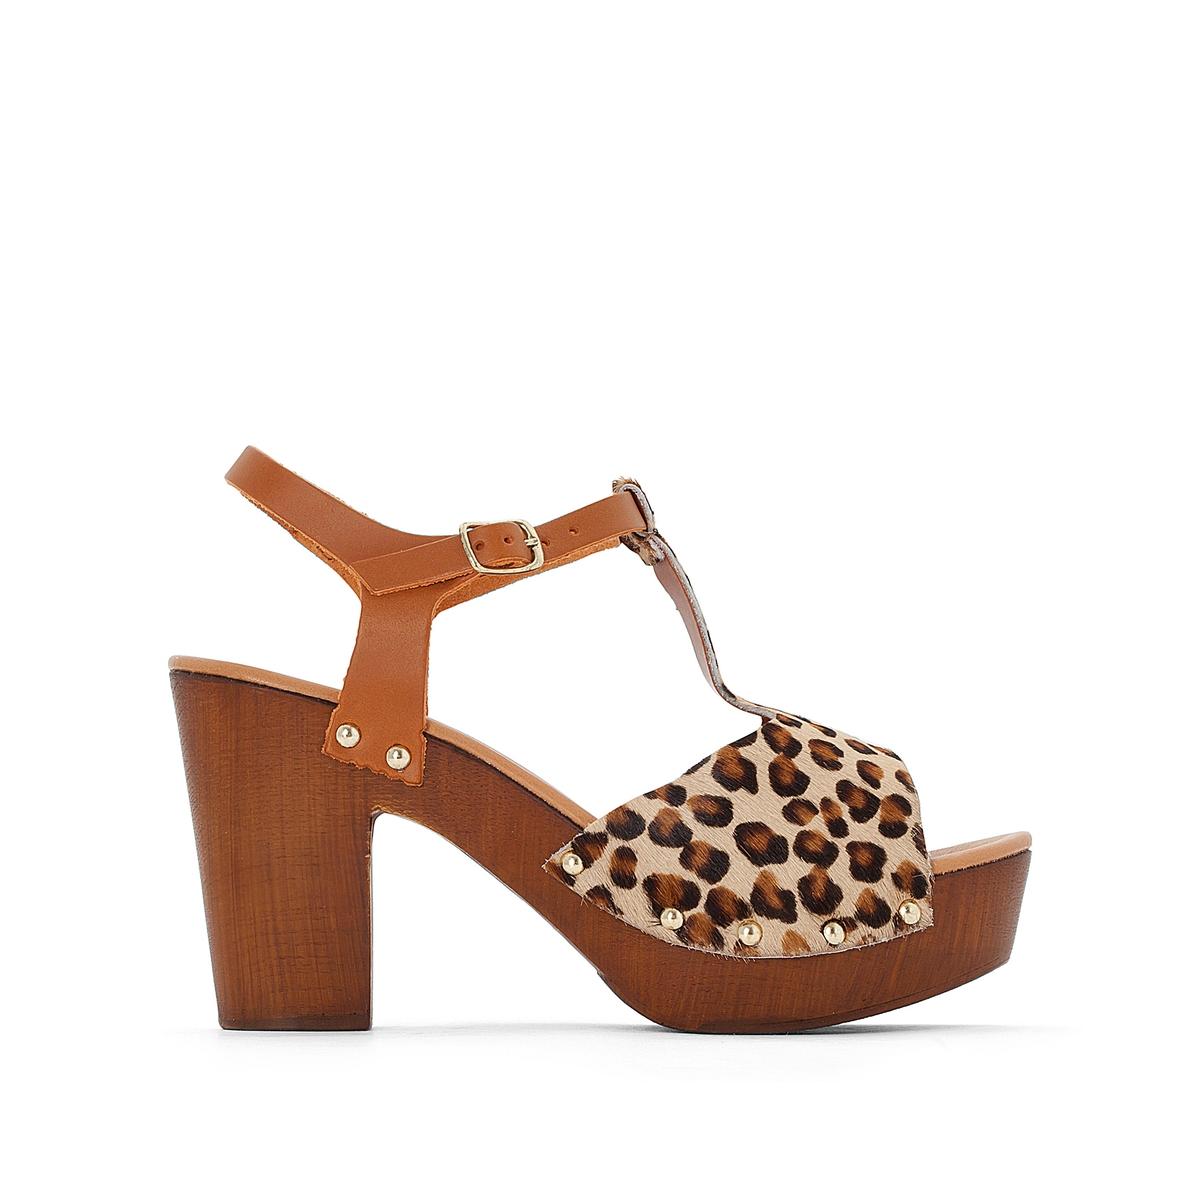 Босоножки кожаные на высоком каблуке и платформе с рисунком под леопардаВыделанная кожа и кожа с рисунком - модные тенденции ! Великолепные сандалии в форме сабо и Т-образным ремешком, изготовленные в Италии, женственный стиль с элементами дикой природы : вы не перестанете благодарить марку Jonak за эту модель обуви !<br><br>Цвет: леопардовый рисунок<br>Размер: 36.40